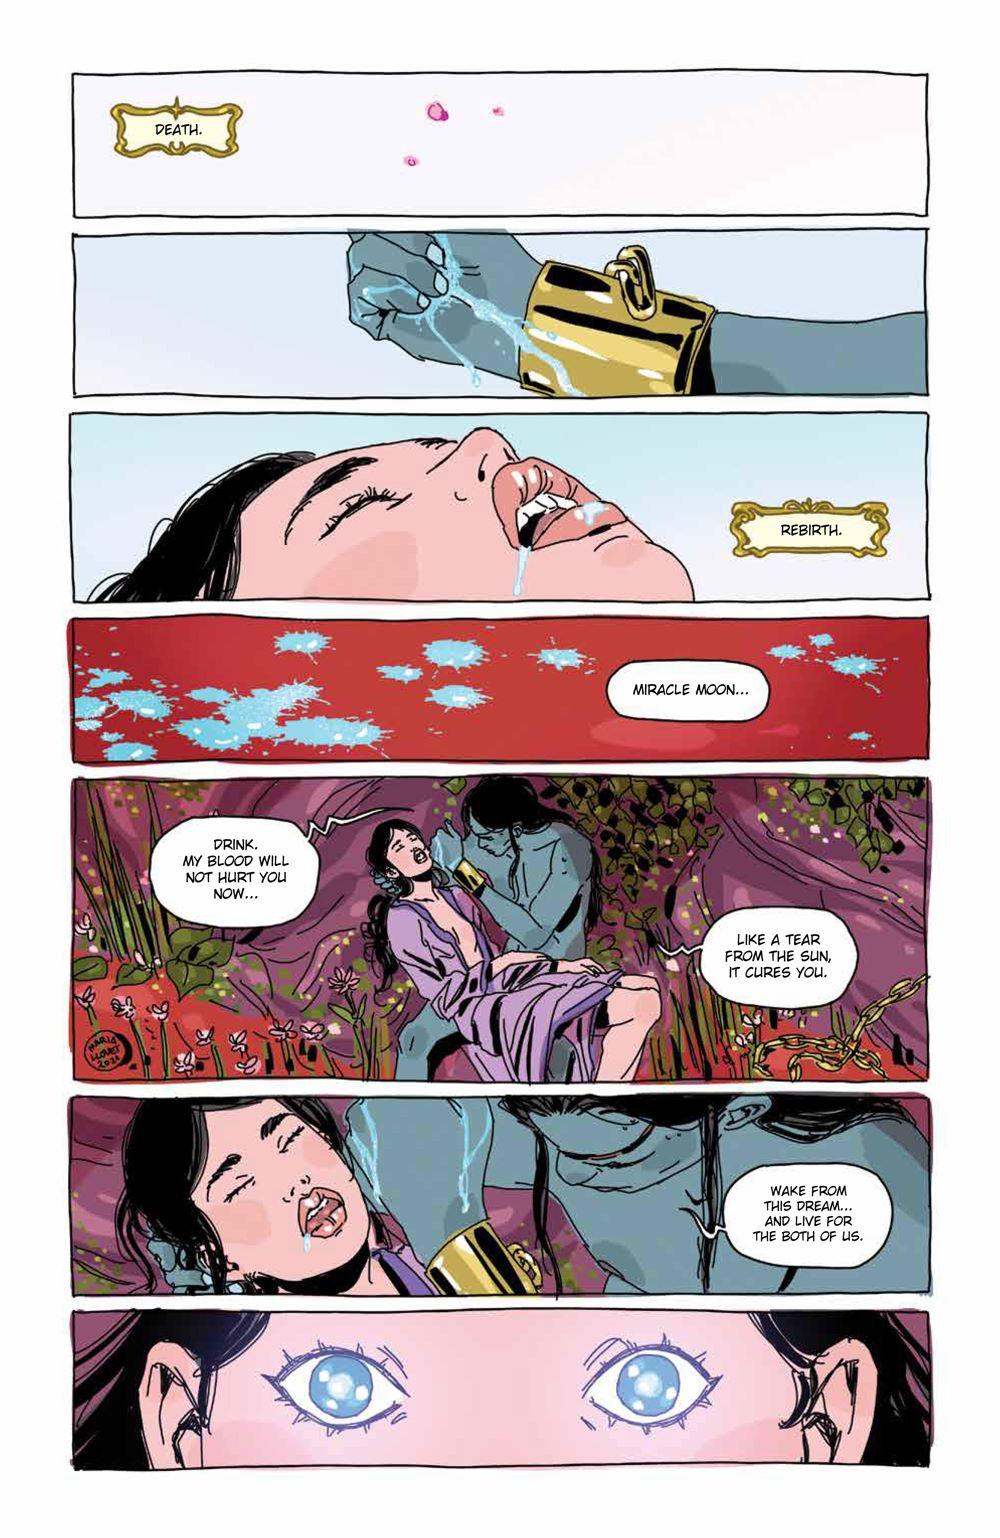 Luna_005_PRESS_3 ComicList Previews: LUNA #5 (OF 5)